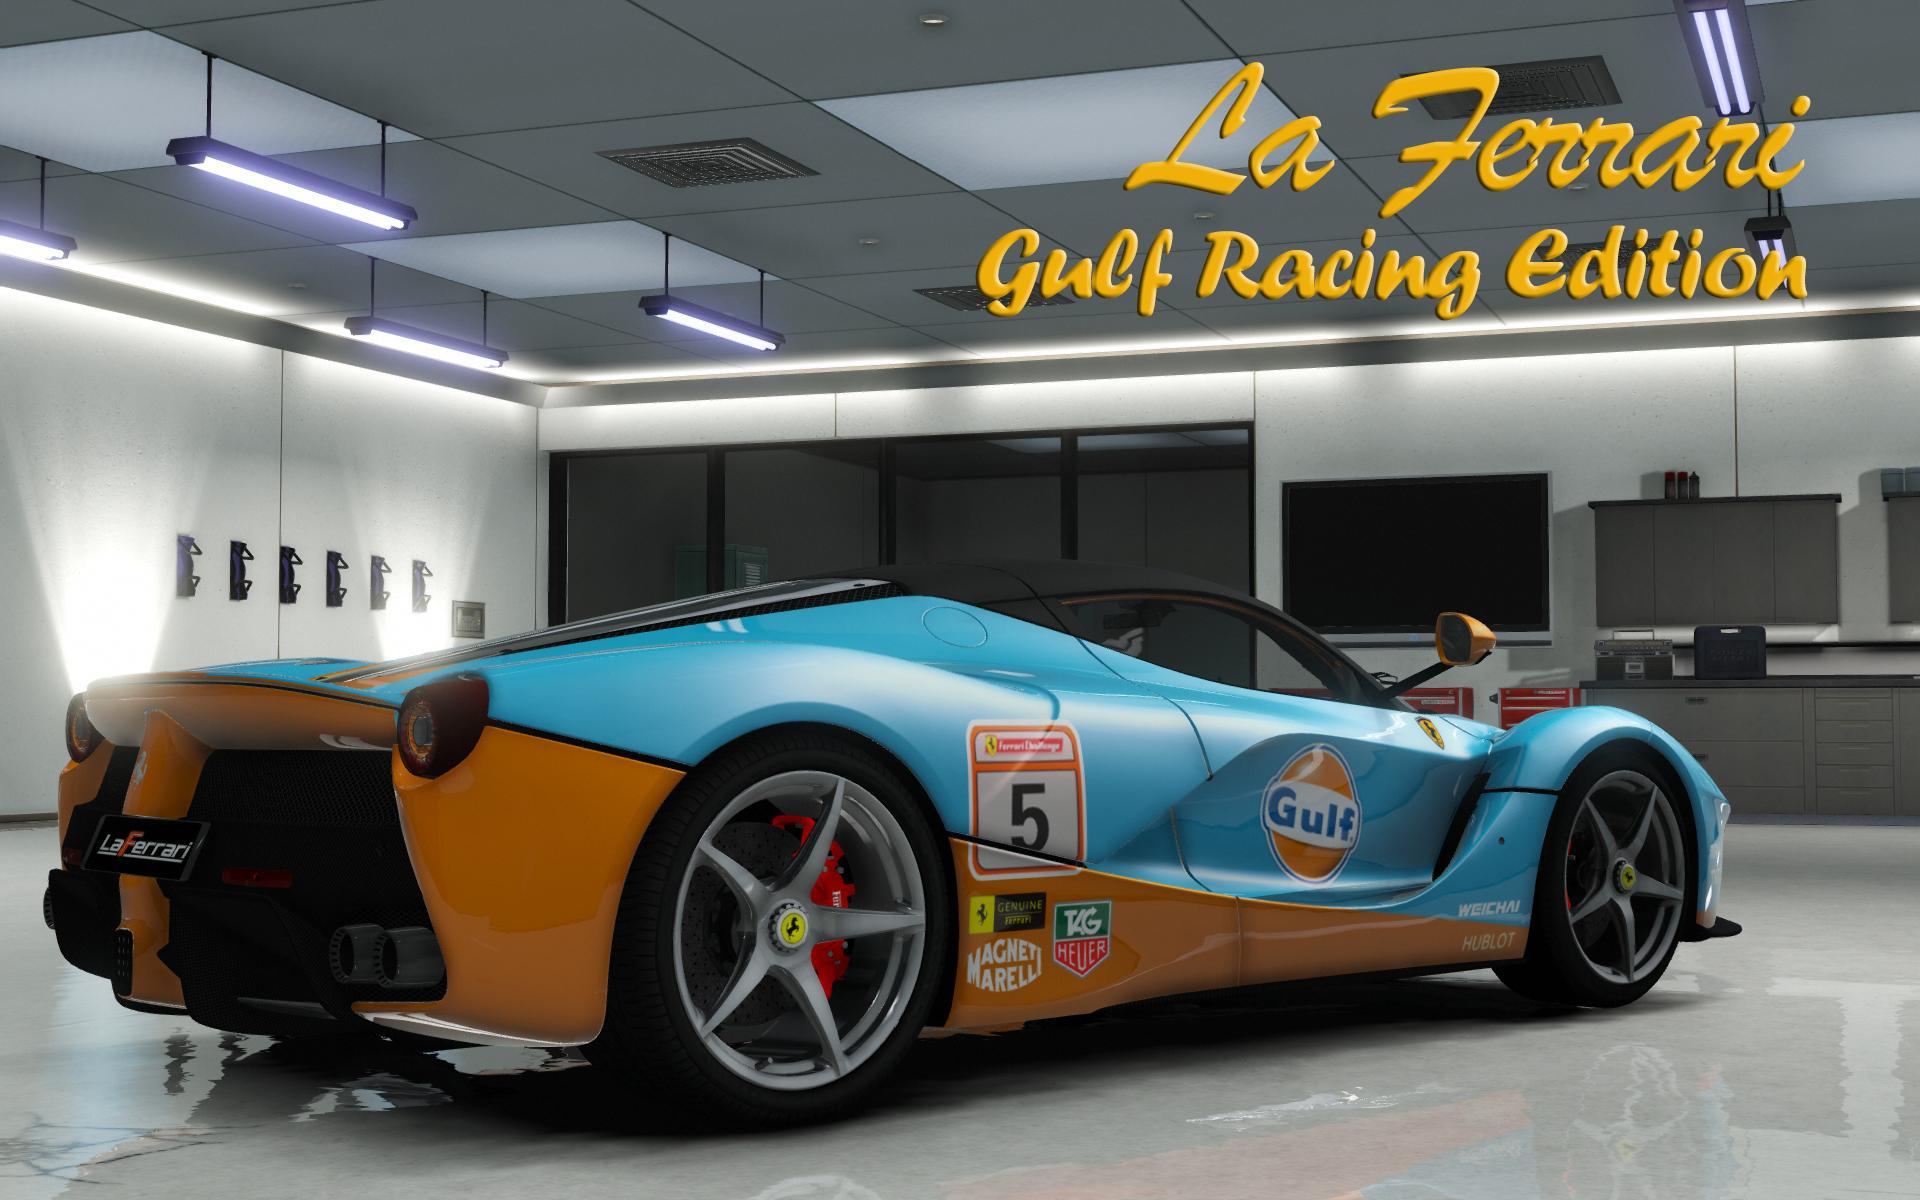 Ferrari Laferrari 2013 Gulf Racing Gta5 Mods Com